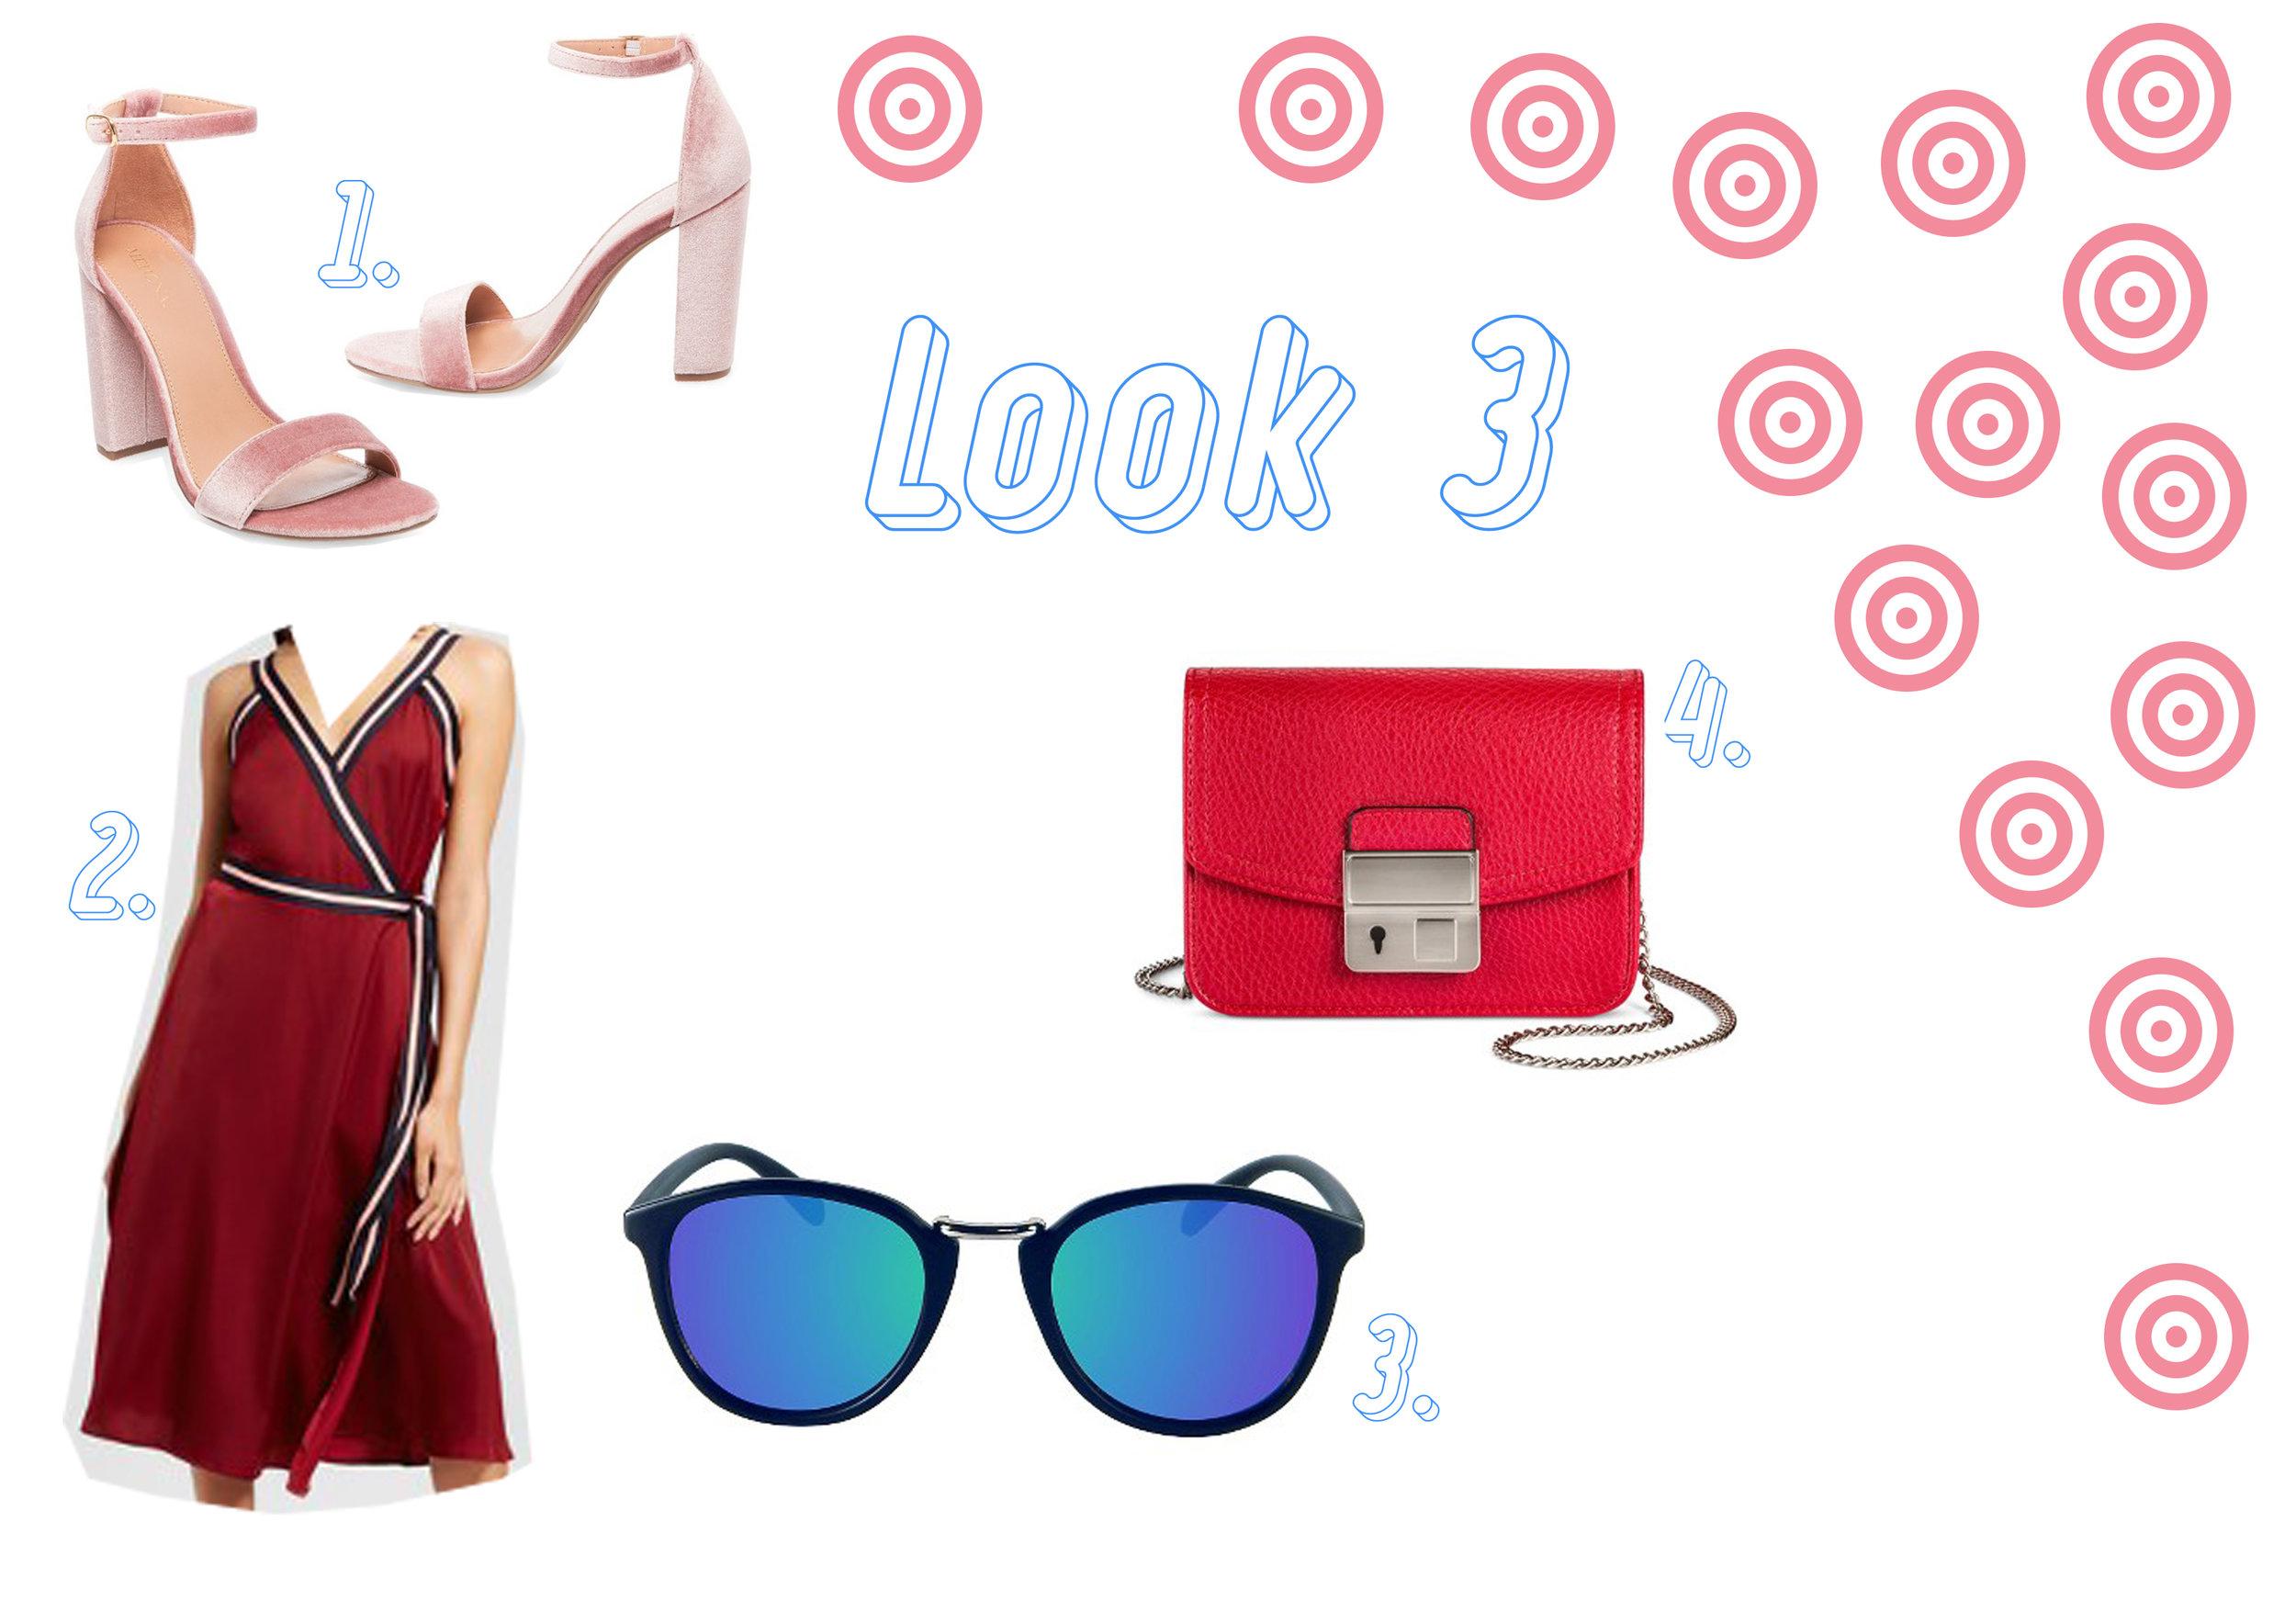 1. Velvet strap heel  here  - 2- Wrap dress here - 3. Sunglasses  here  - 4. Red bag  here